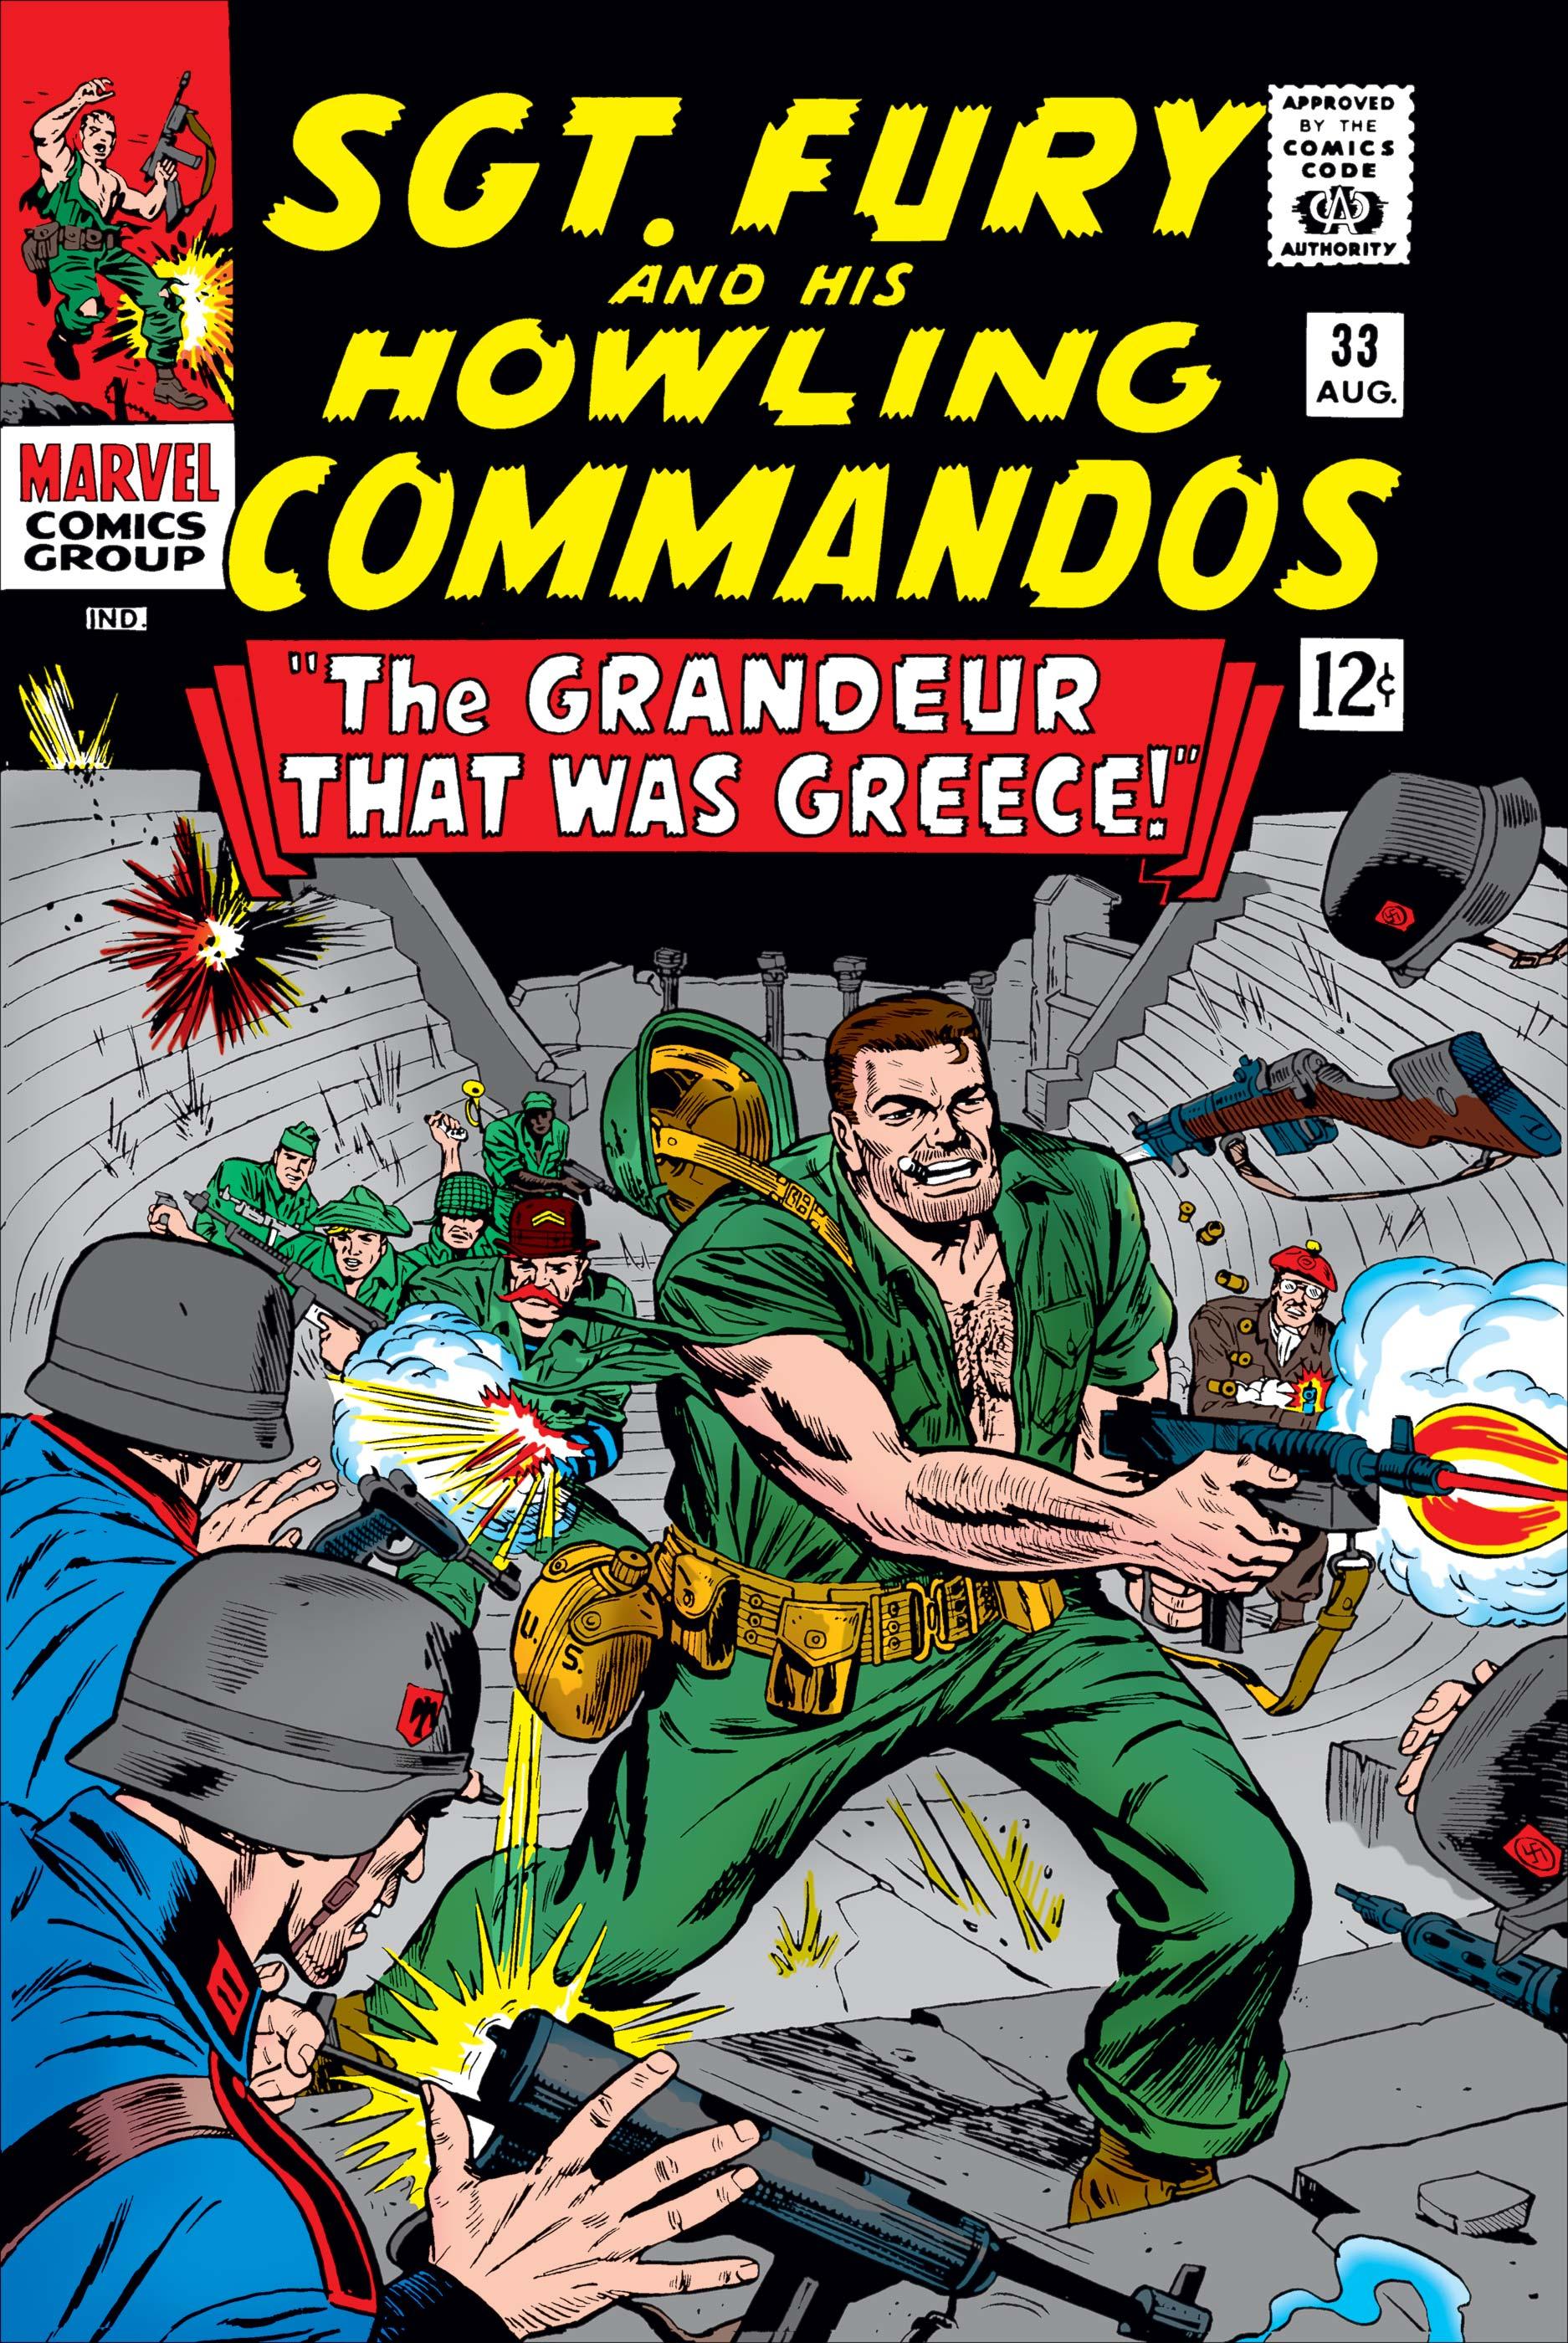 Sgt. Fury (1963) #33